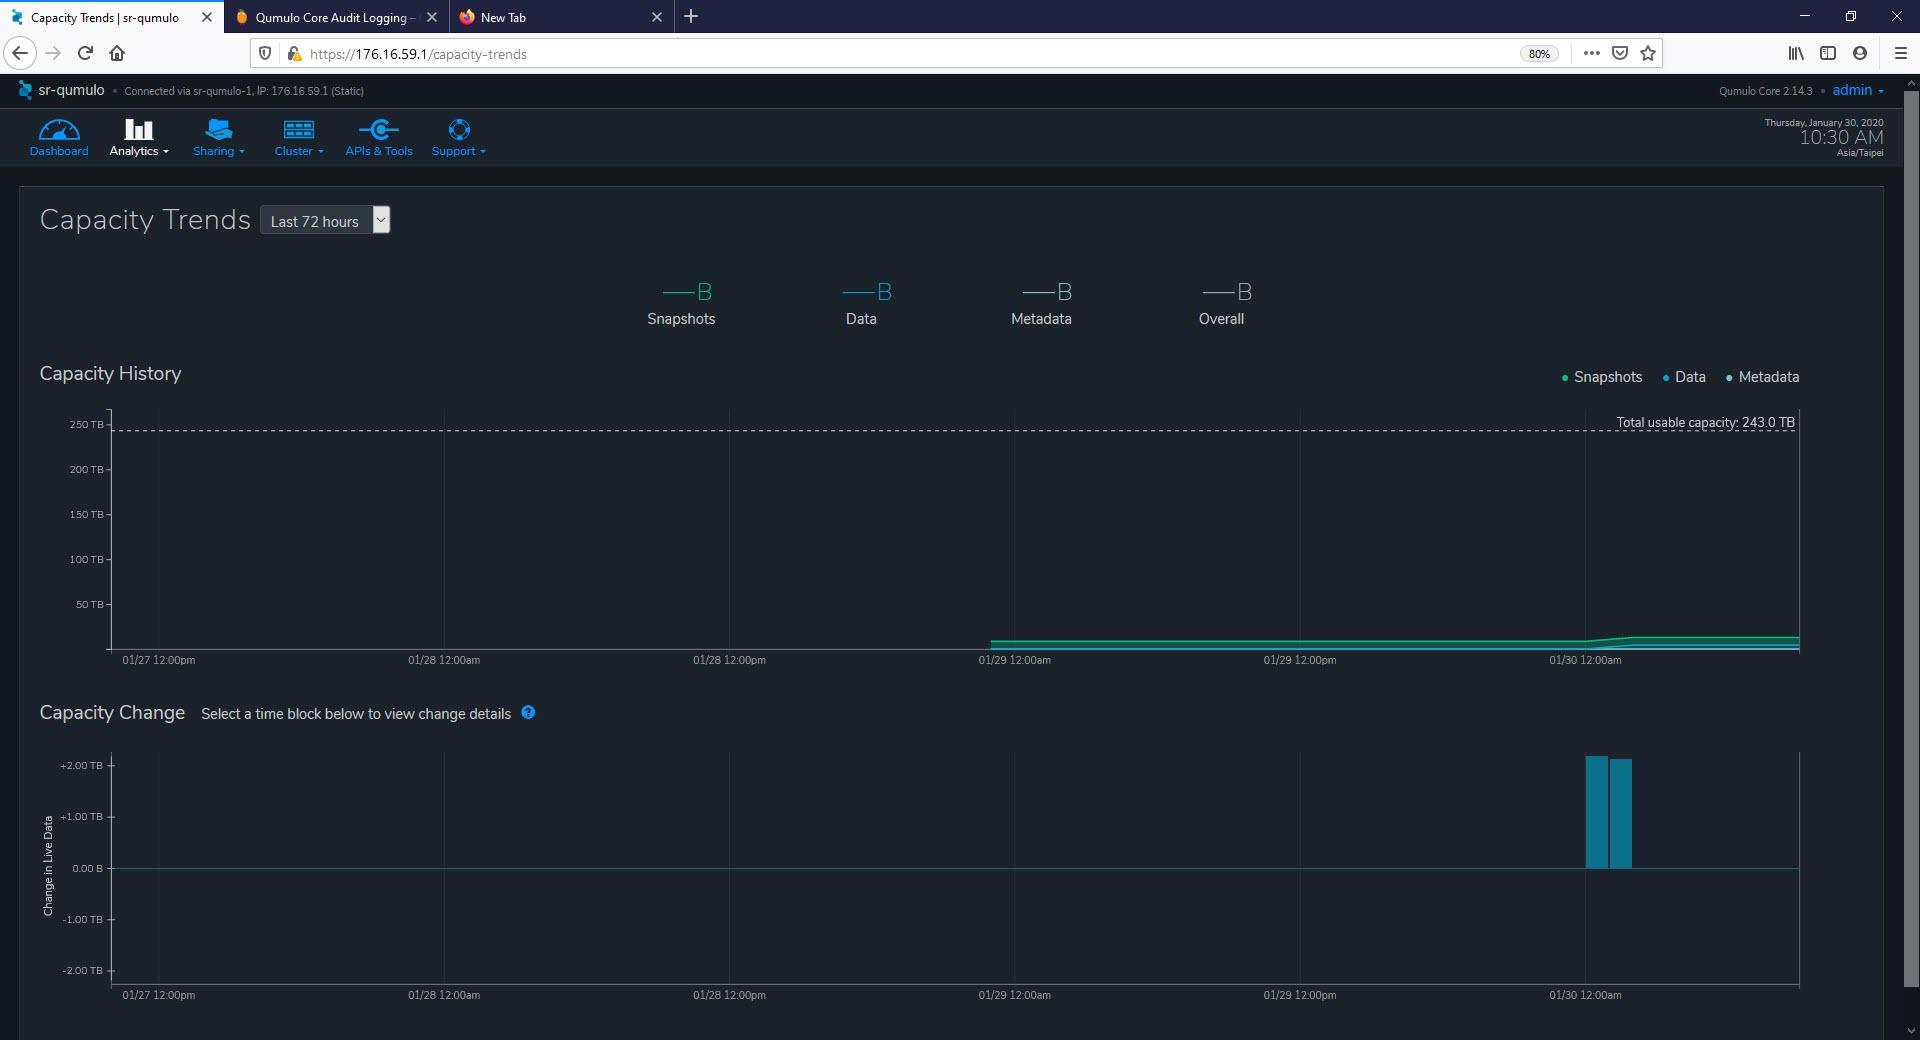 Qumulo Software capacity trends